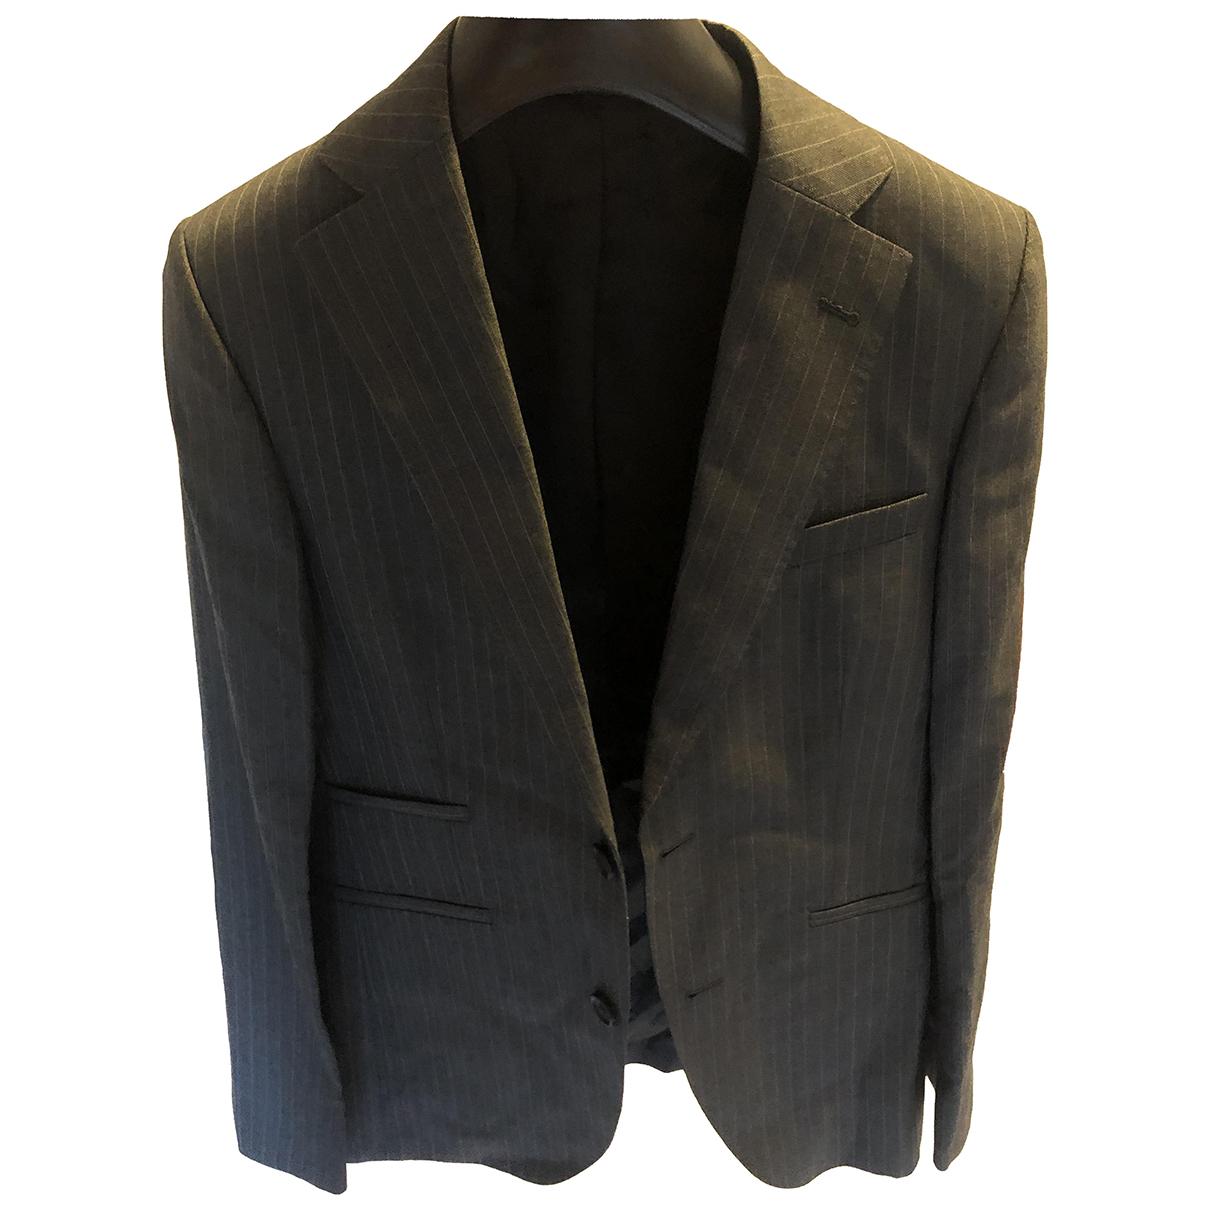 Cartier - Vestes.Blousons   pour homme en laine - gris